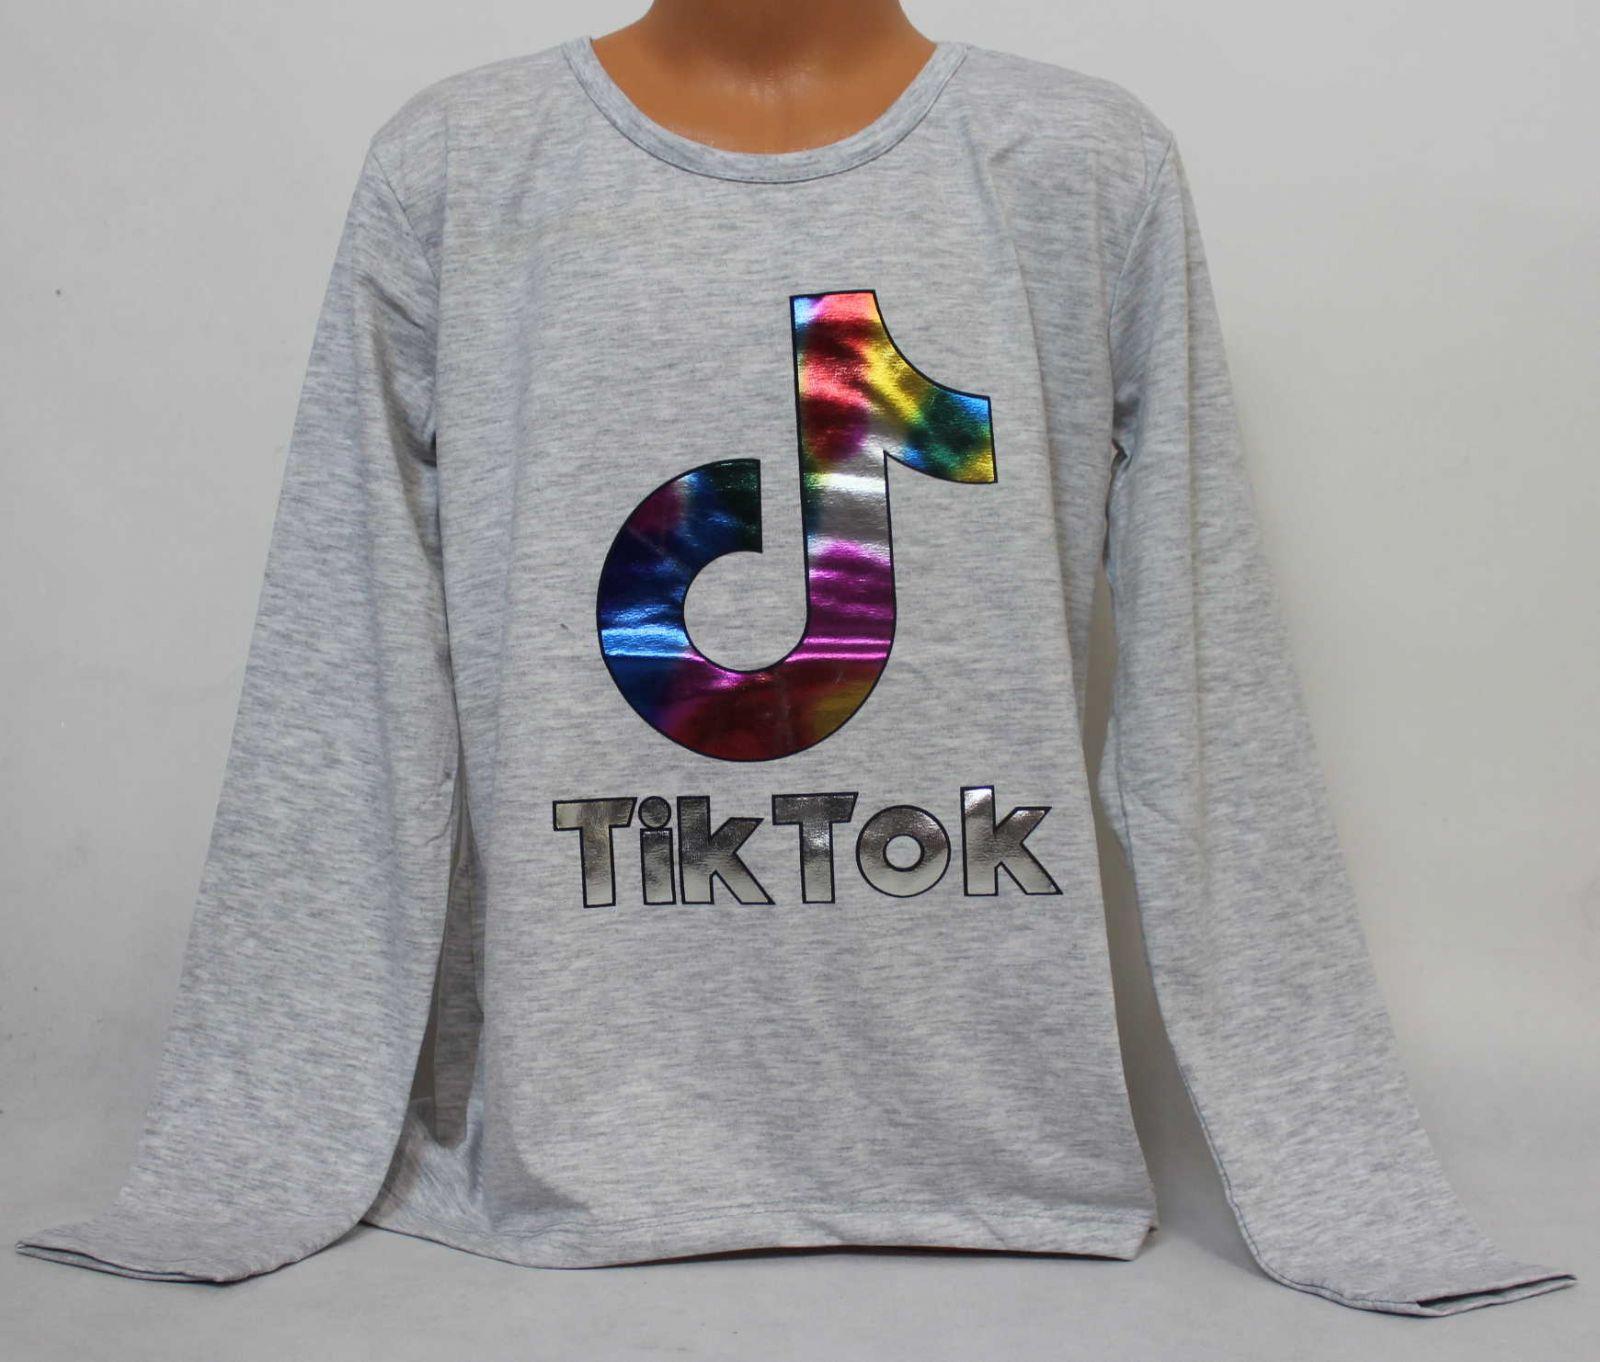 dívčí tričko Tik Tok, triko dlouhý rukáv Tik Tok, bavlněné tričko Tik Tok